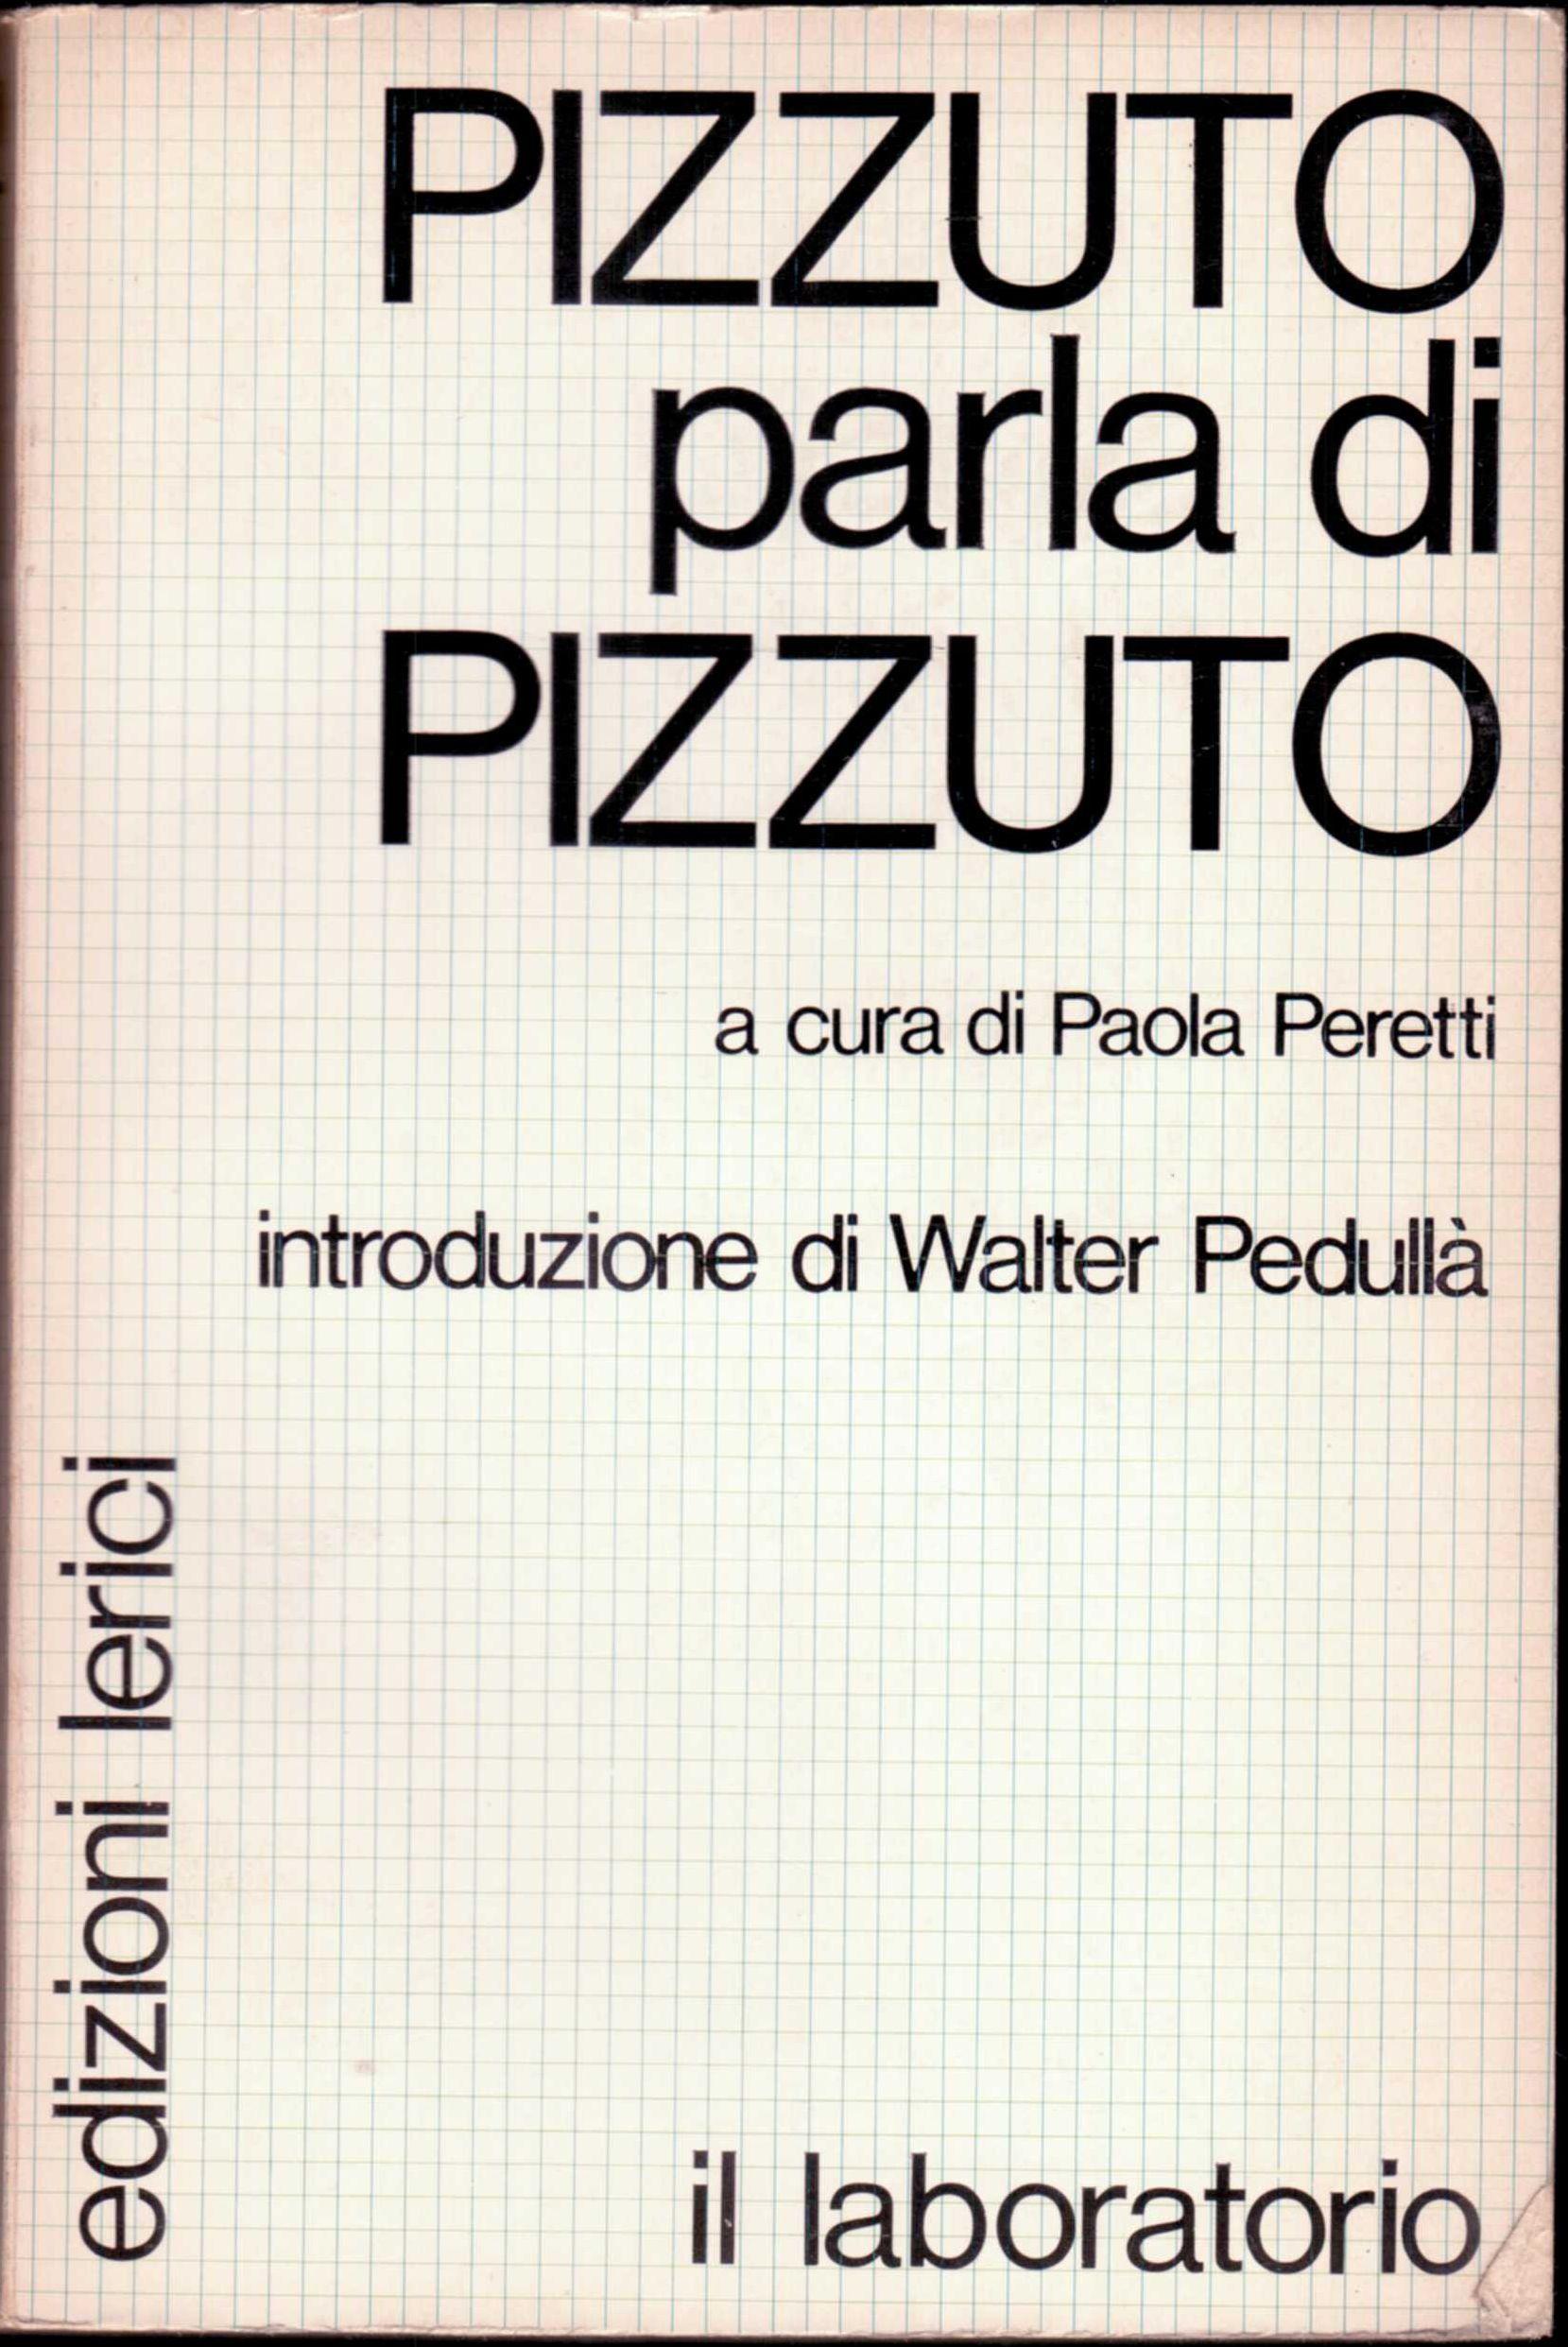 Pizzuto parla di Pizzuto